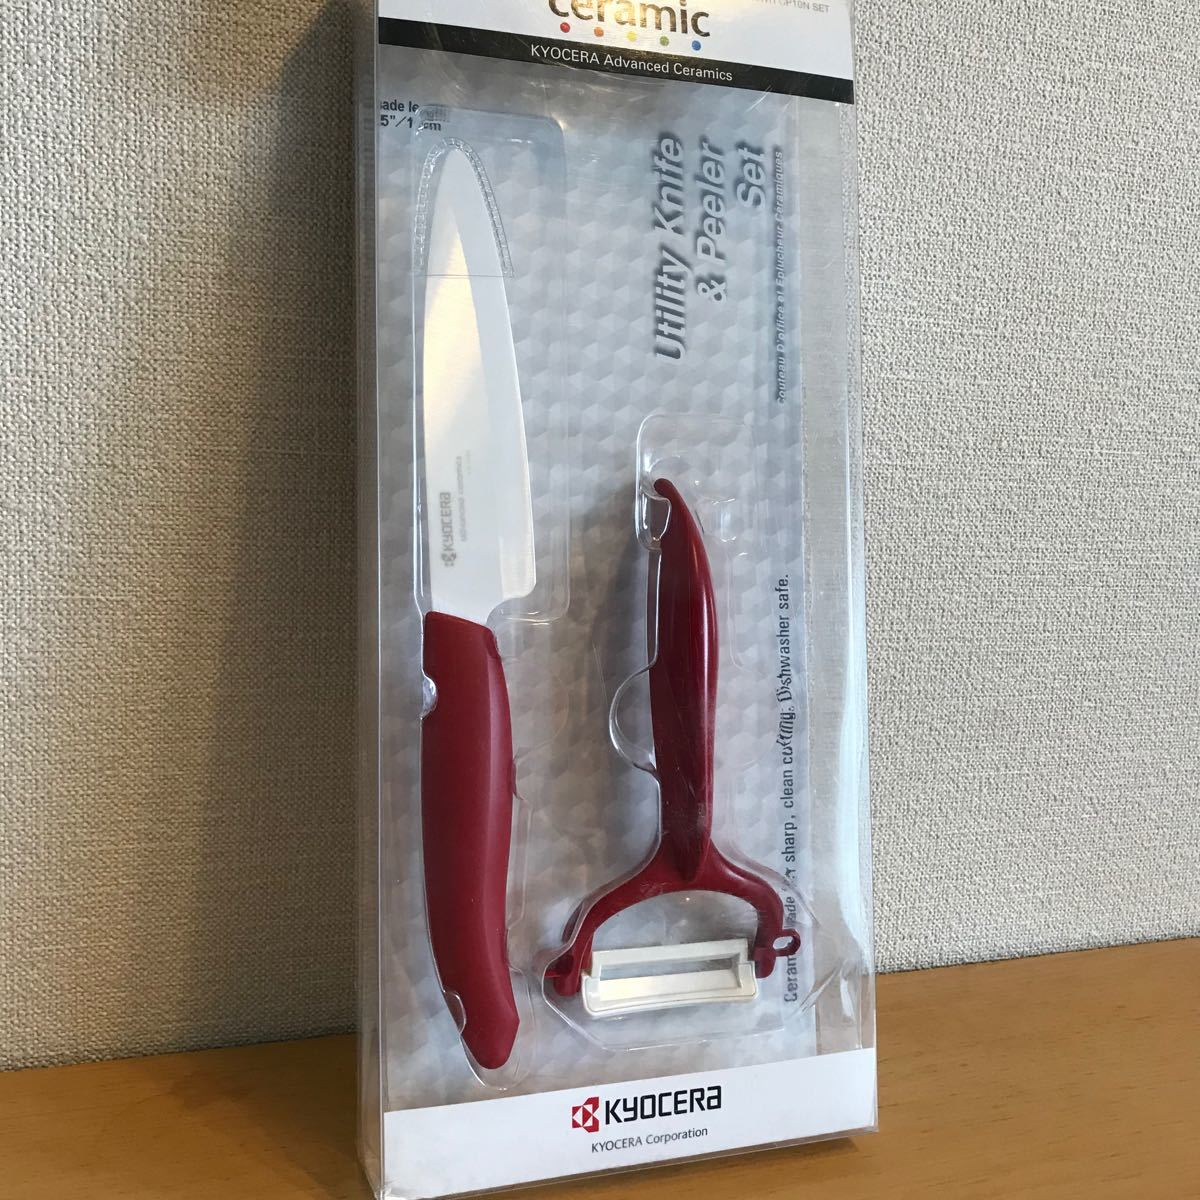 京セラ セラミックナイフ ピーラー セット 新品